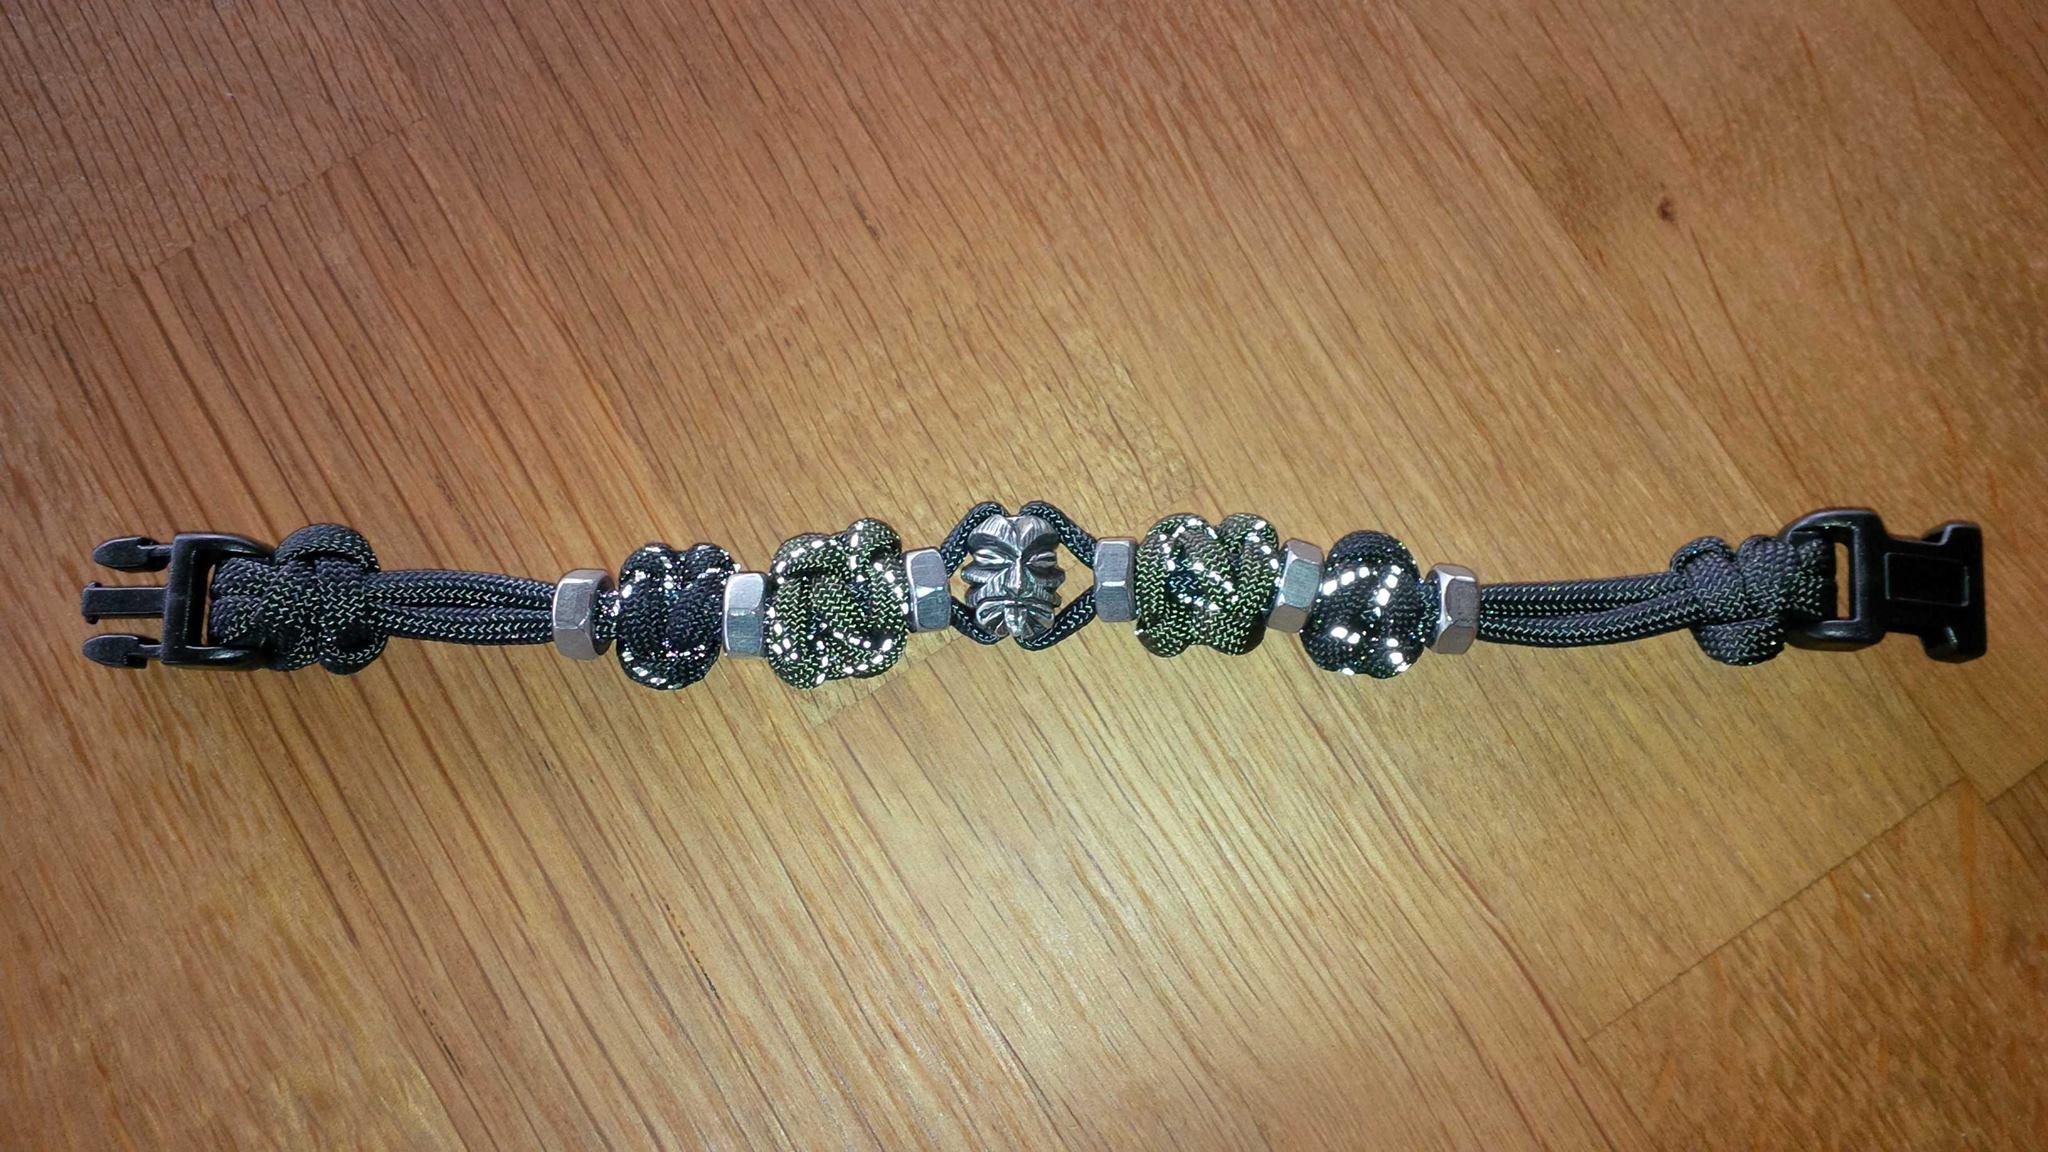 Bikerarmband mit Schraubenmuttern und hier z.B. mit Tiki Kopf